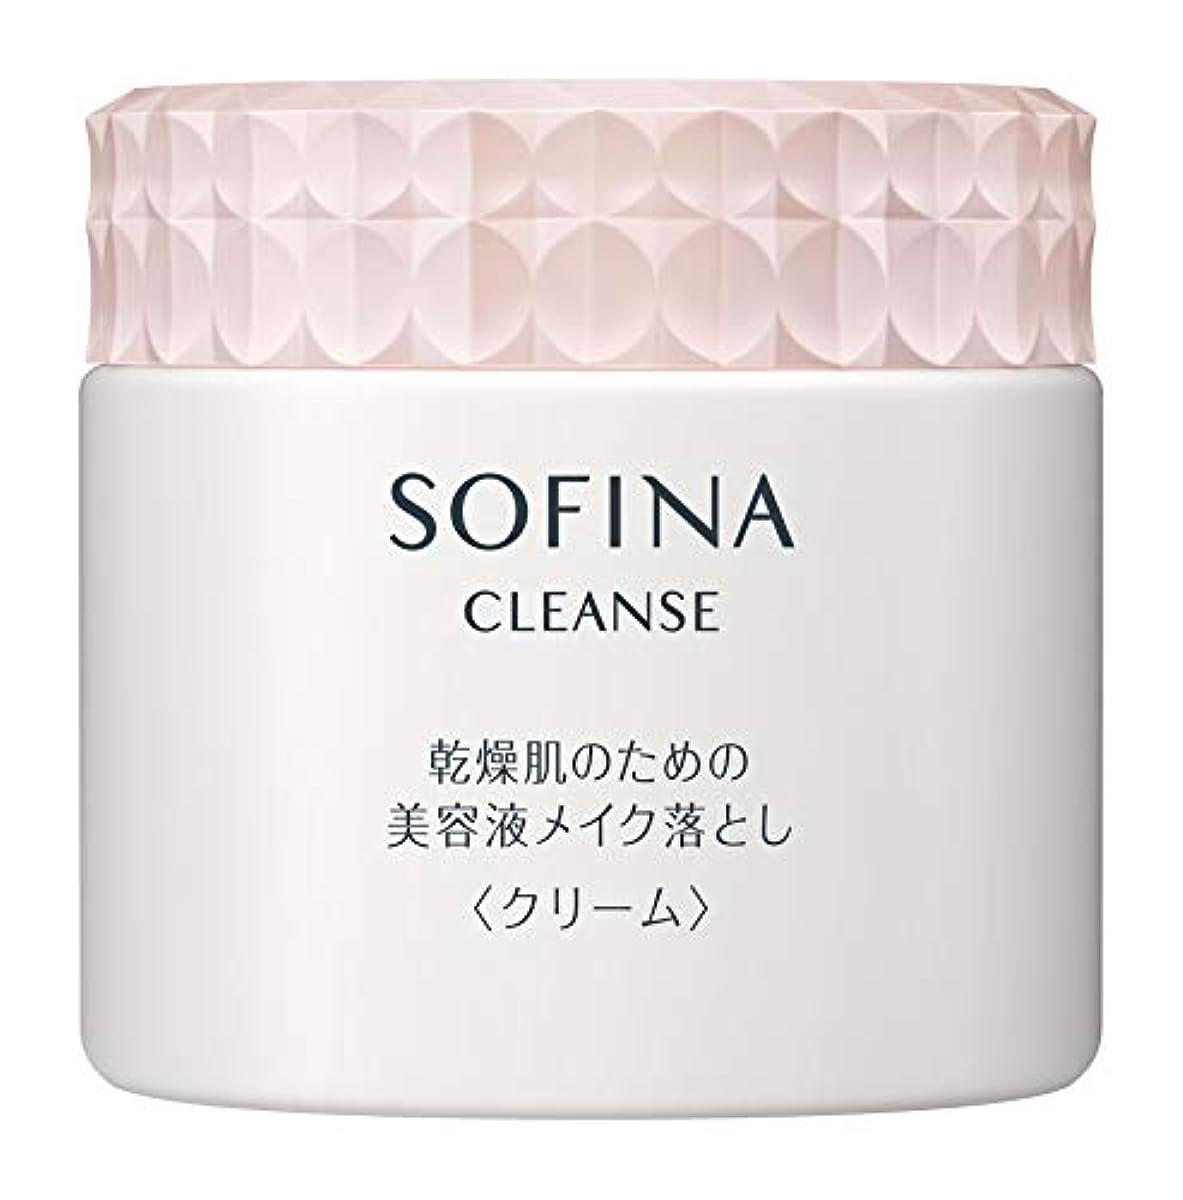 ファンブル住居父方のソフィーナ 乾燥肌のための美容液メイク落とし クリーム 200g